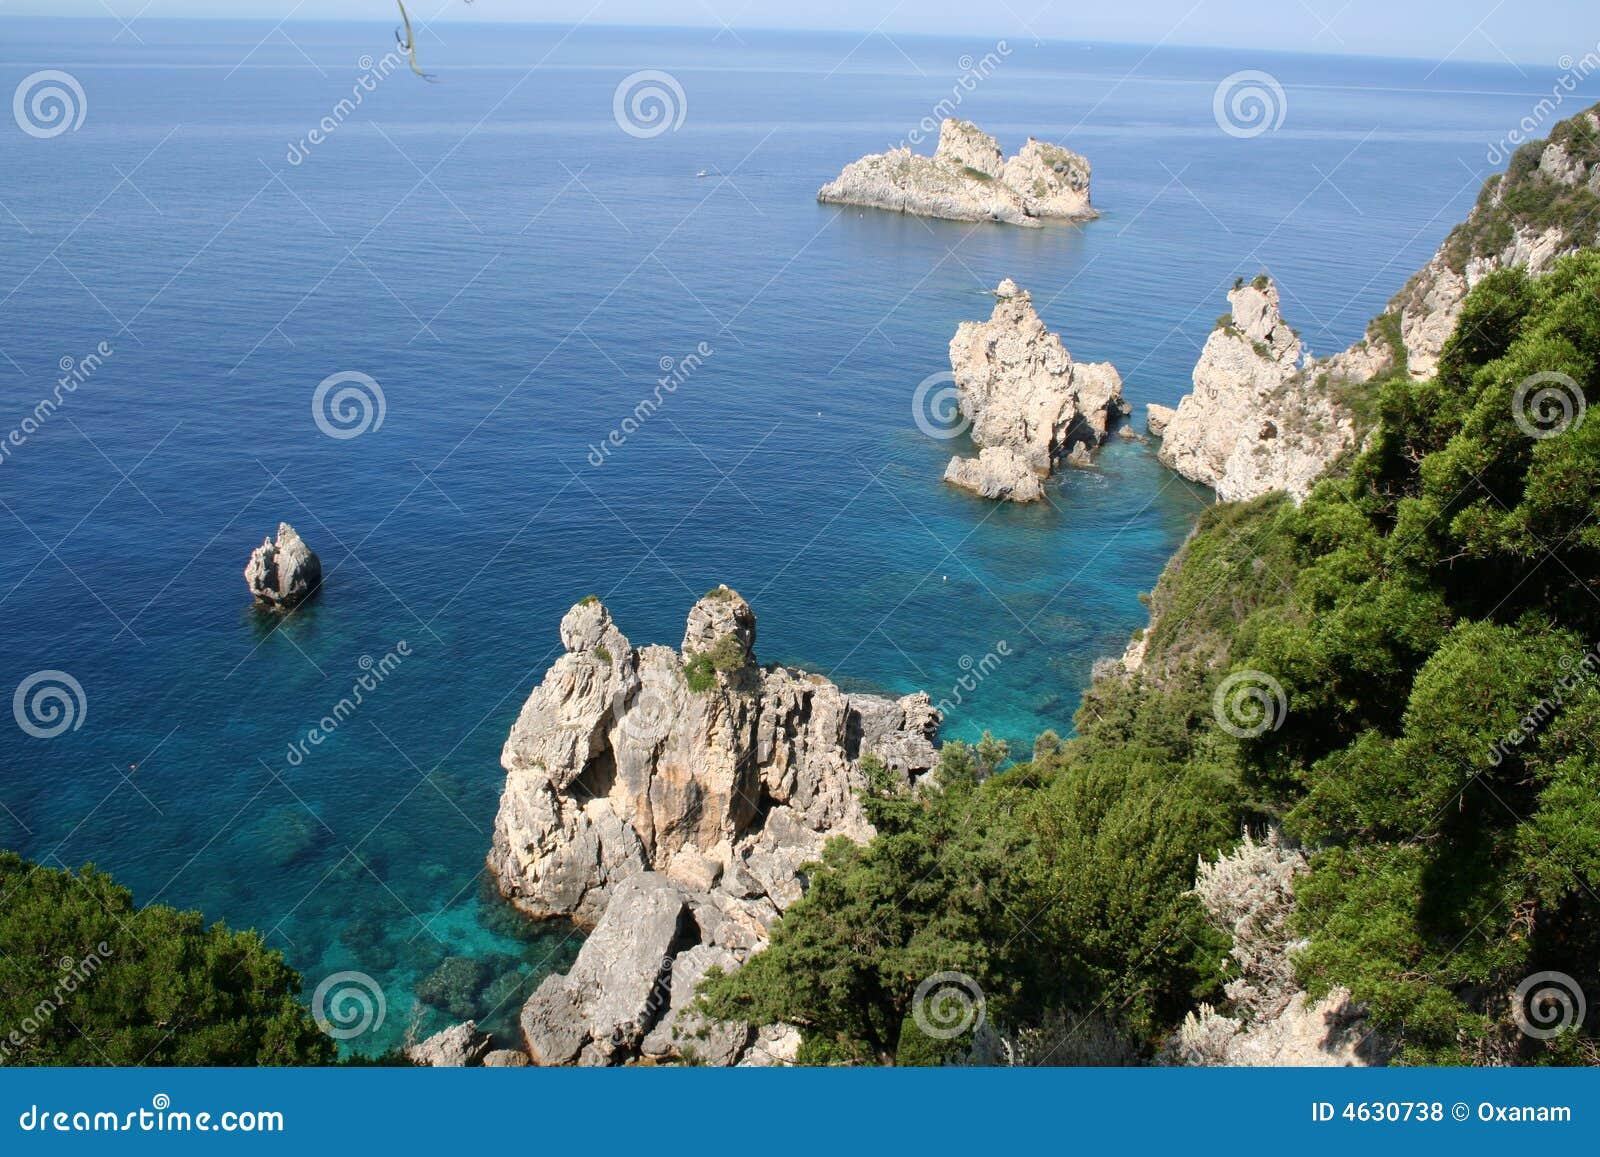 Greece. Corfu, Paleokastrica, costa